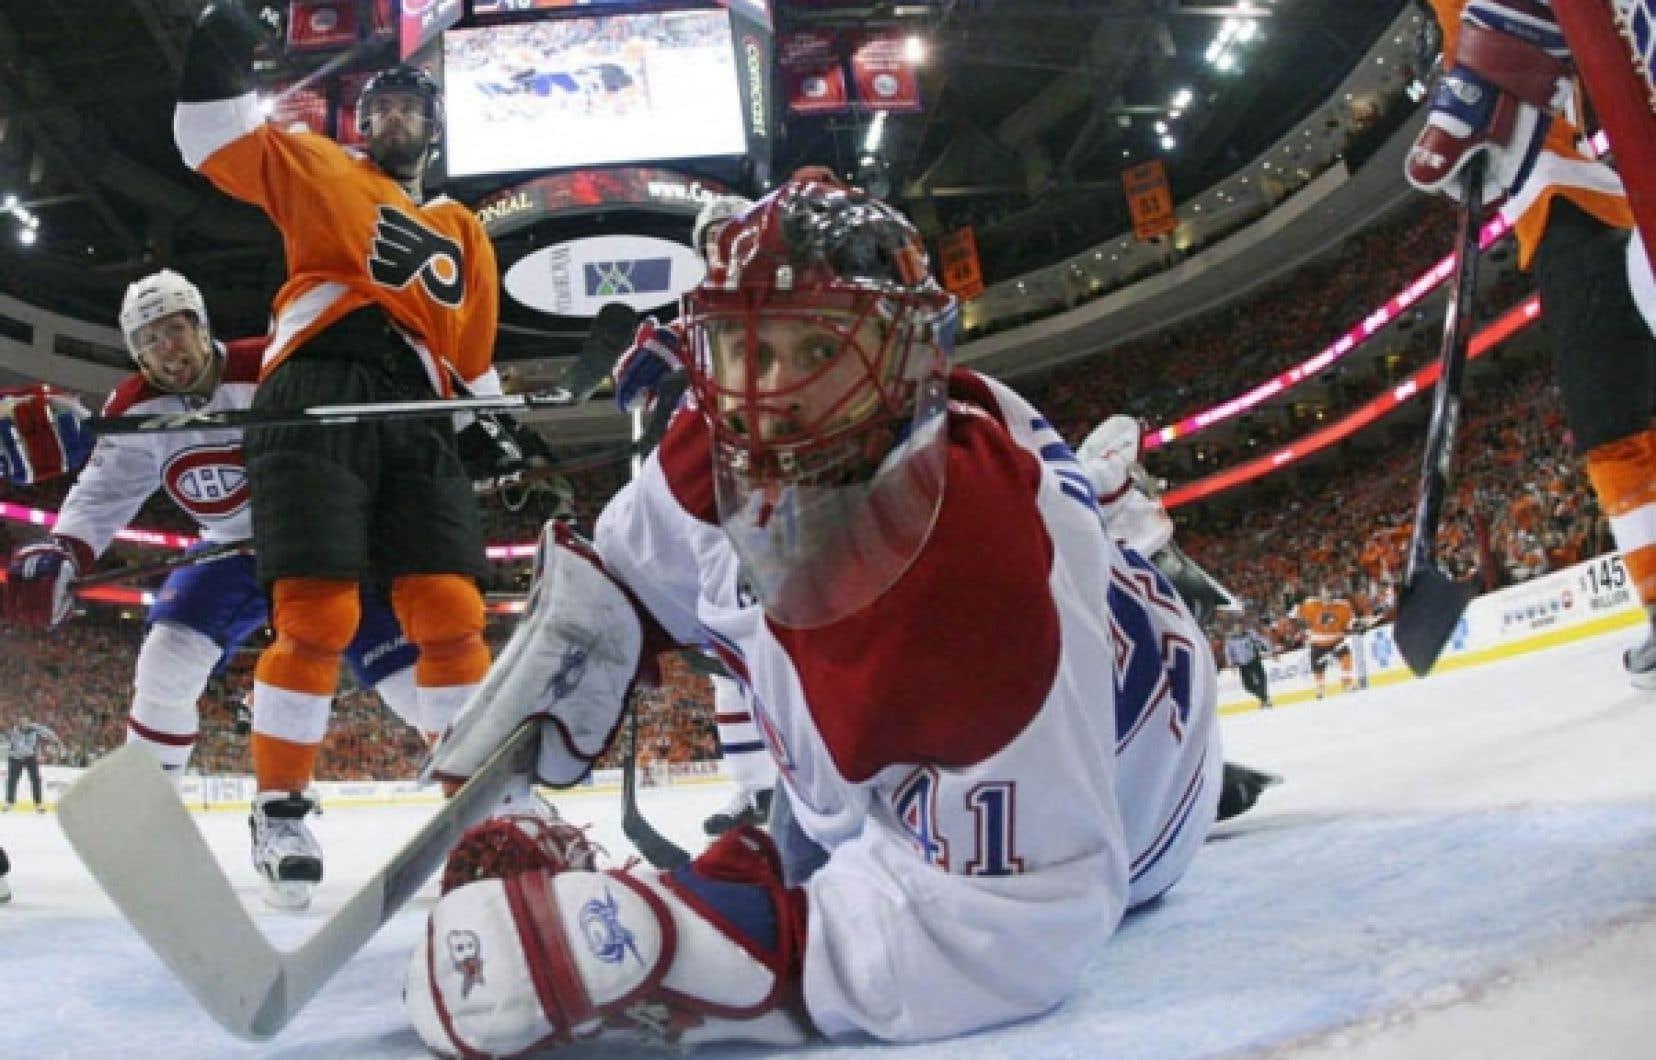 Jaroslav Halak regarde la rondelle pénétrer pour la deuxième fois dans son but, hier soir, à Philadelphie. Le Canadien s'est fait blanchir de nouveau, accordant trois buts aux Flyers. Les deux équipes seront à Montréal demain pour disputer le troisième match de cette troisième ronde des séries éliminatoires.